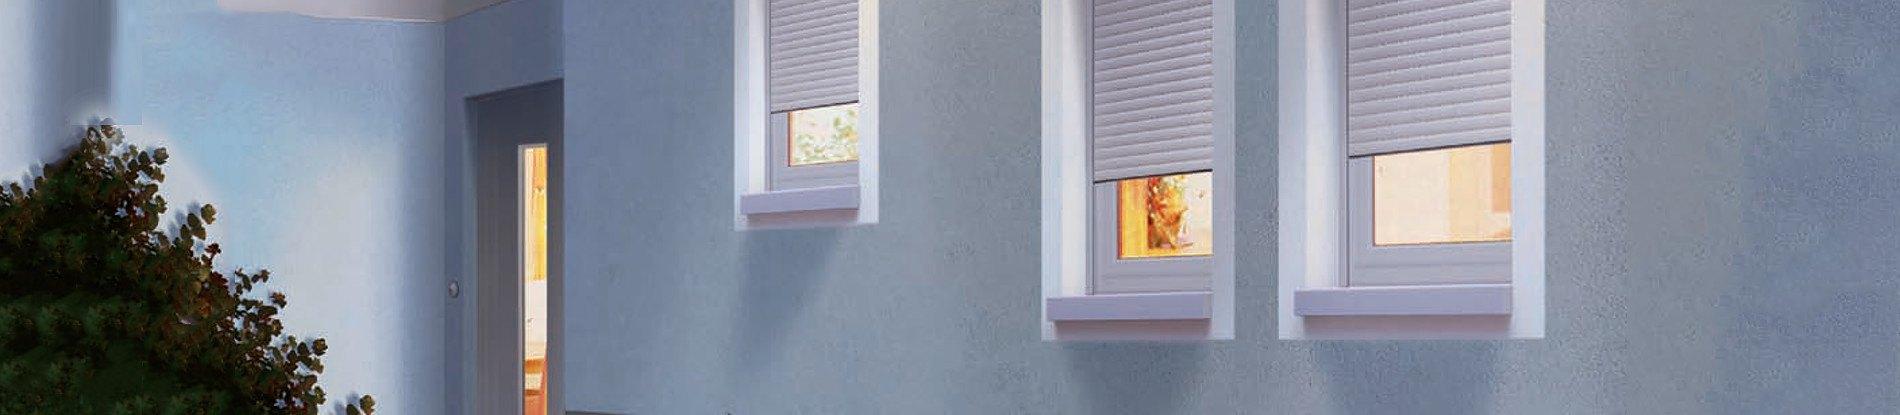 Full Size of Fenster Dreifachverglasung Mit Rolladen Kosten Elektrischen Einbau Einbauen Bauhaus Neue Und Preis Rollo Elektrisch Preise Rollladen Ermitteln Neufferde Fenster Fenster Mit Rolladen